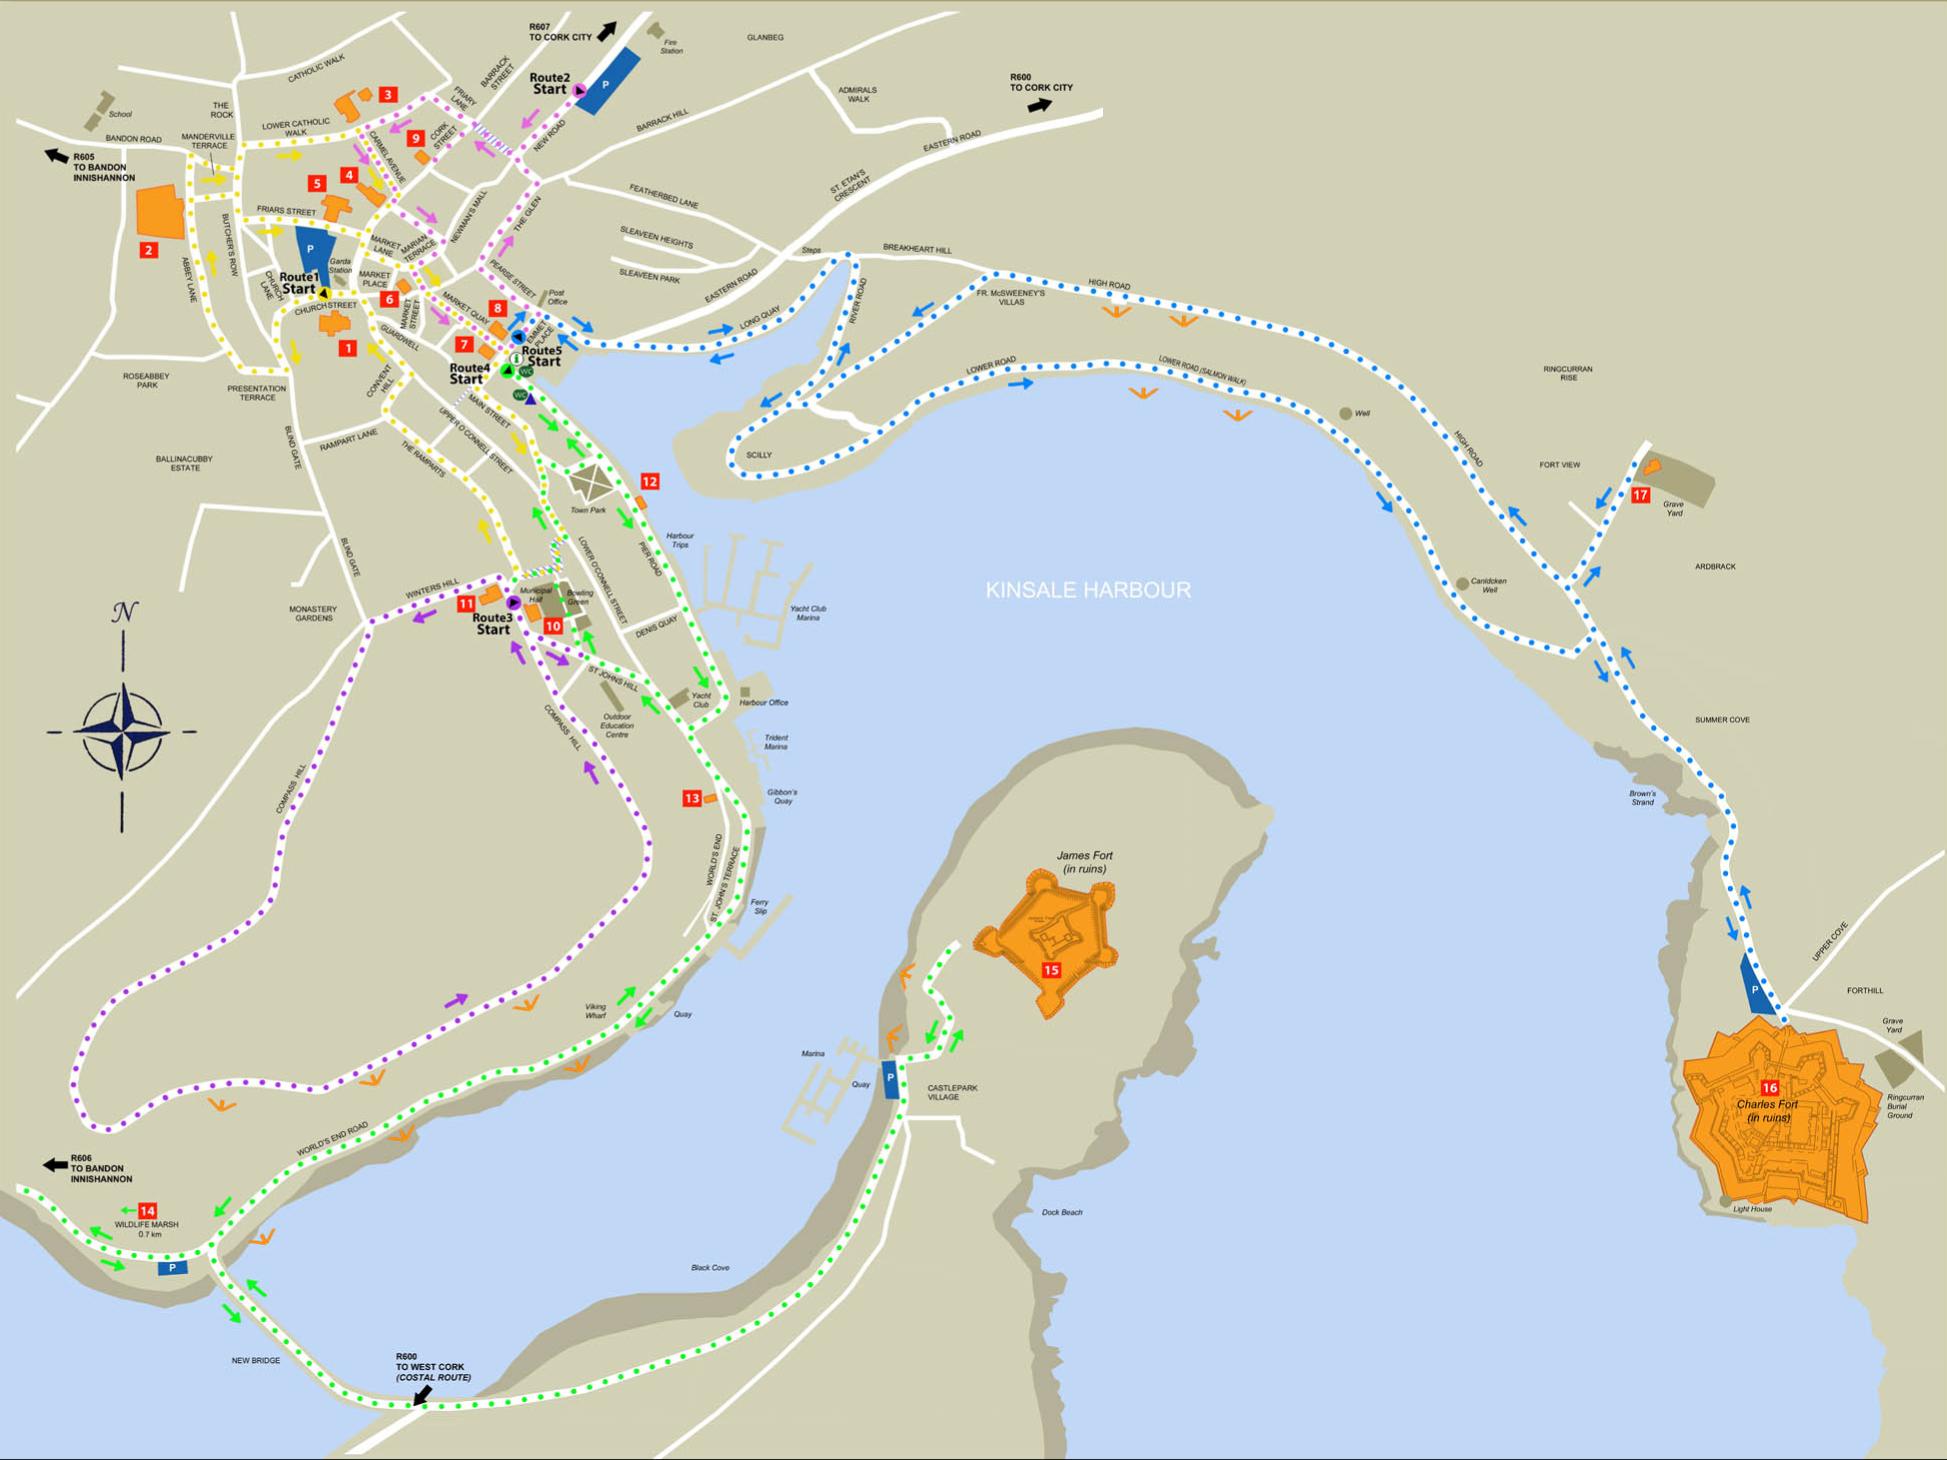 Kinsale Heritage map